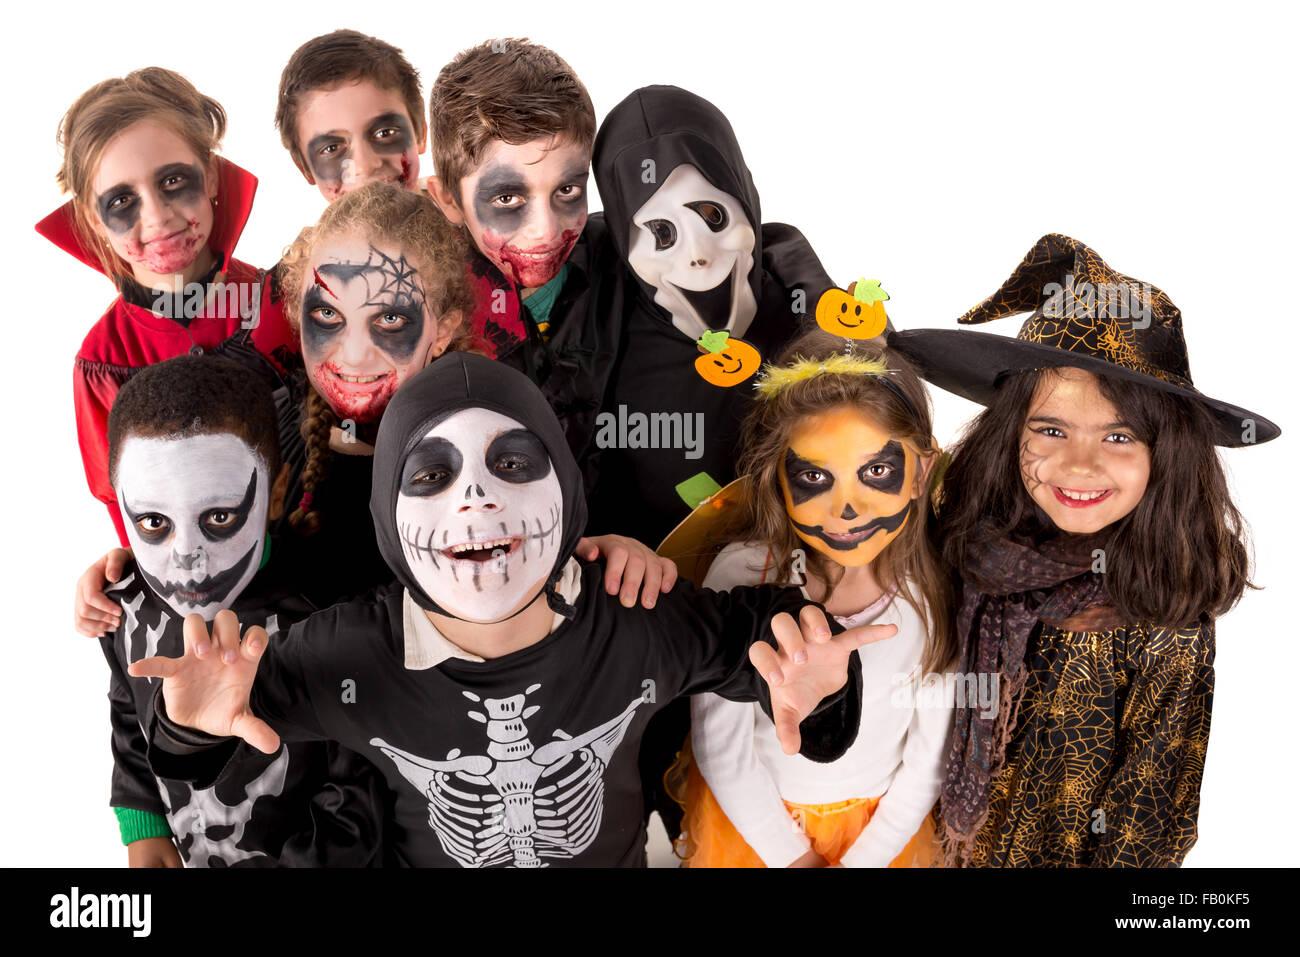 Gruppe Von Kindern Mit Gesicht Malen Und Halloween Kostume Stockfoto